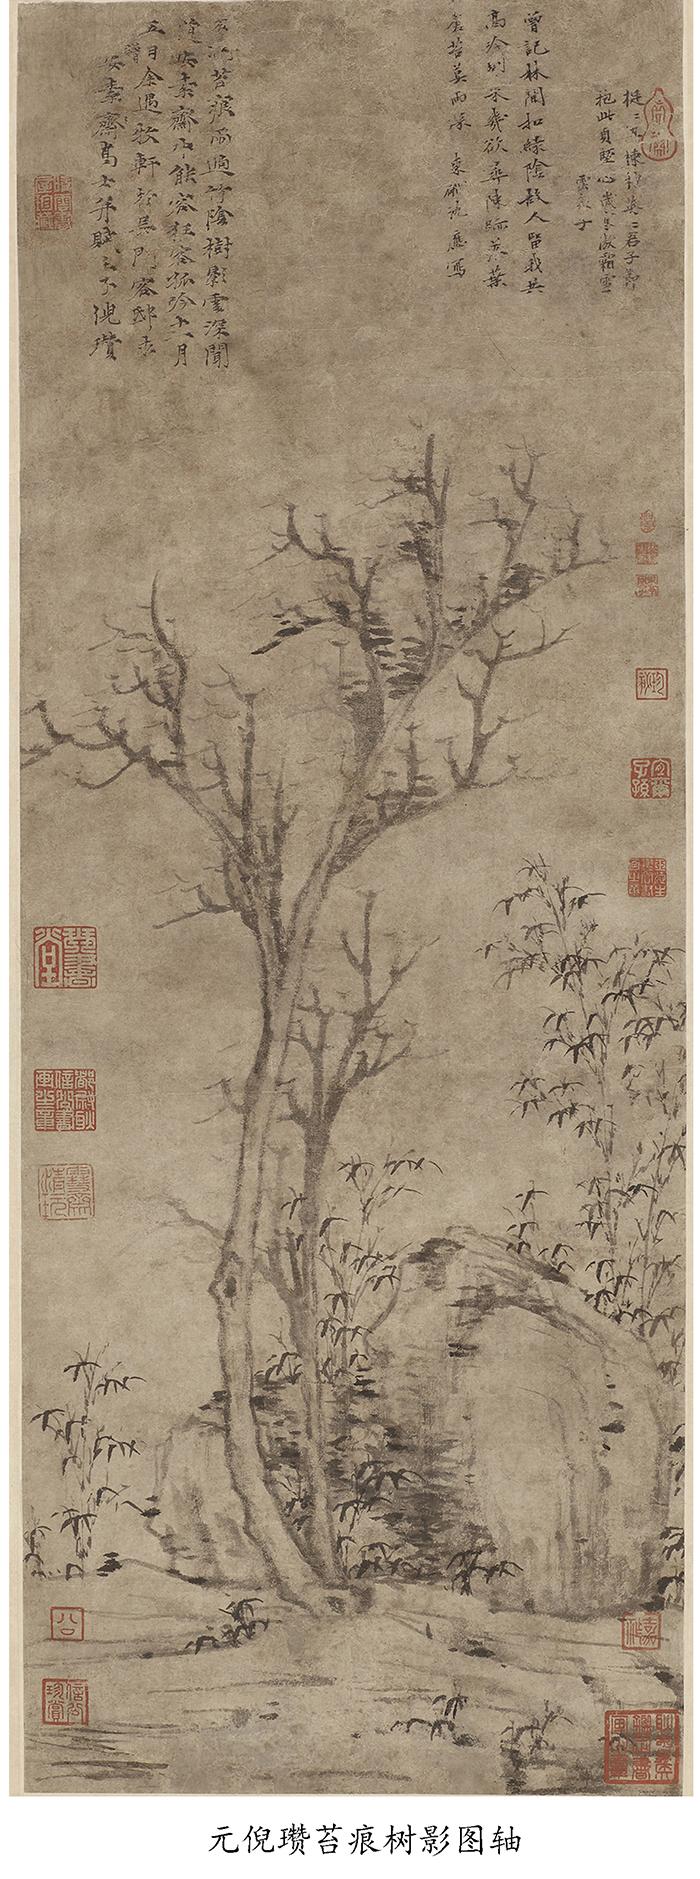 8.元倪瓒苔痕树影图轴.jpg